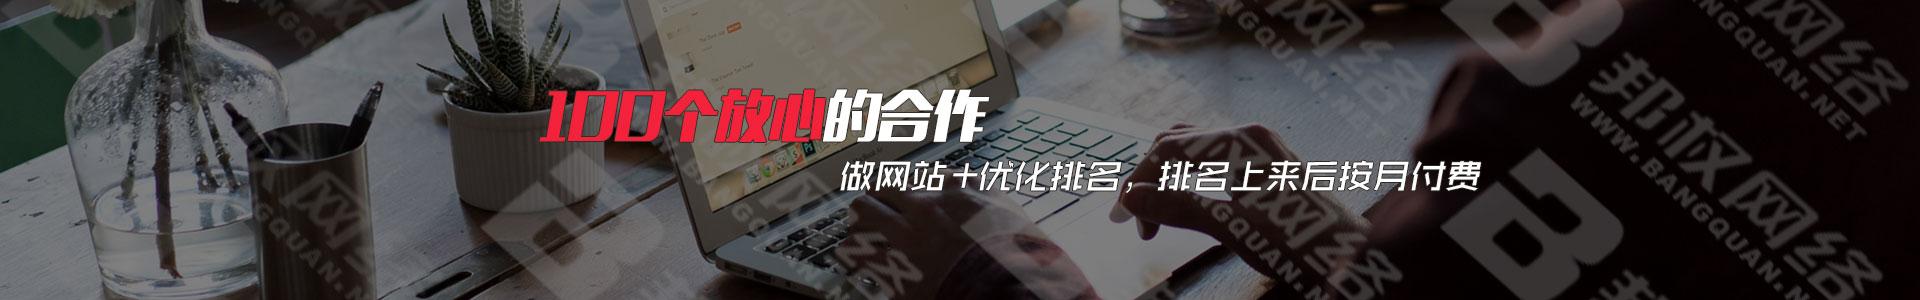 上海网站建设,上海营销型网站建设,上海网站建设公司